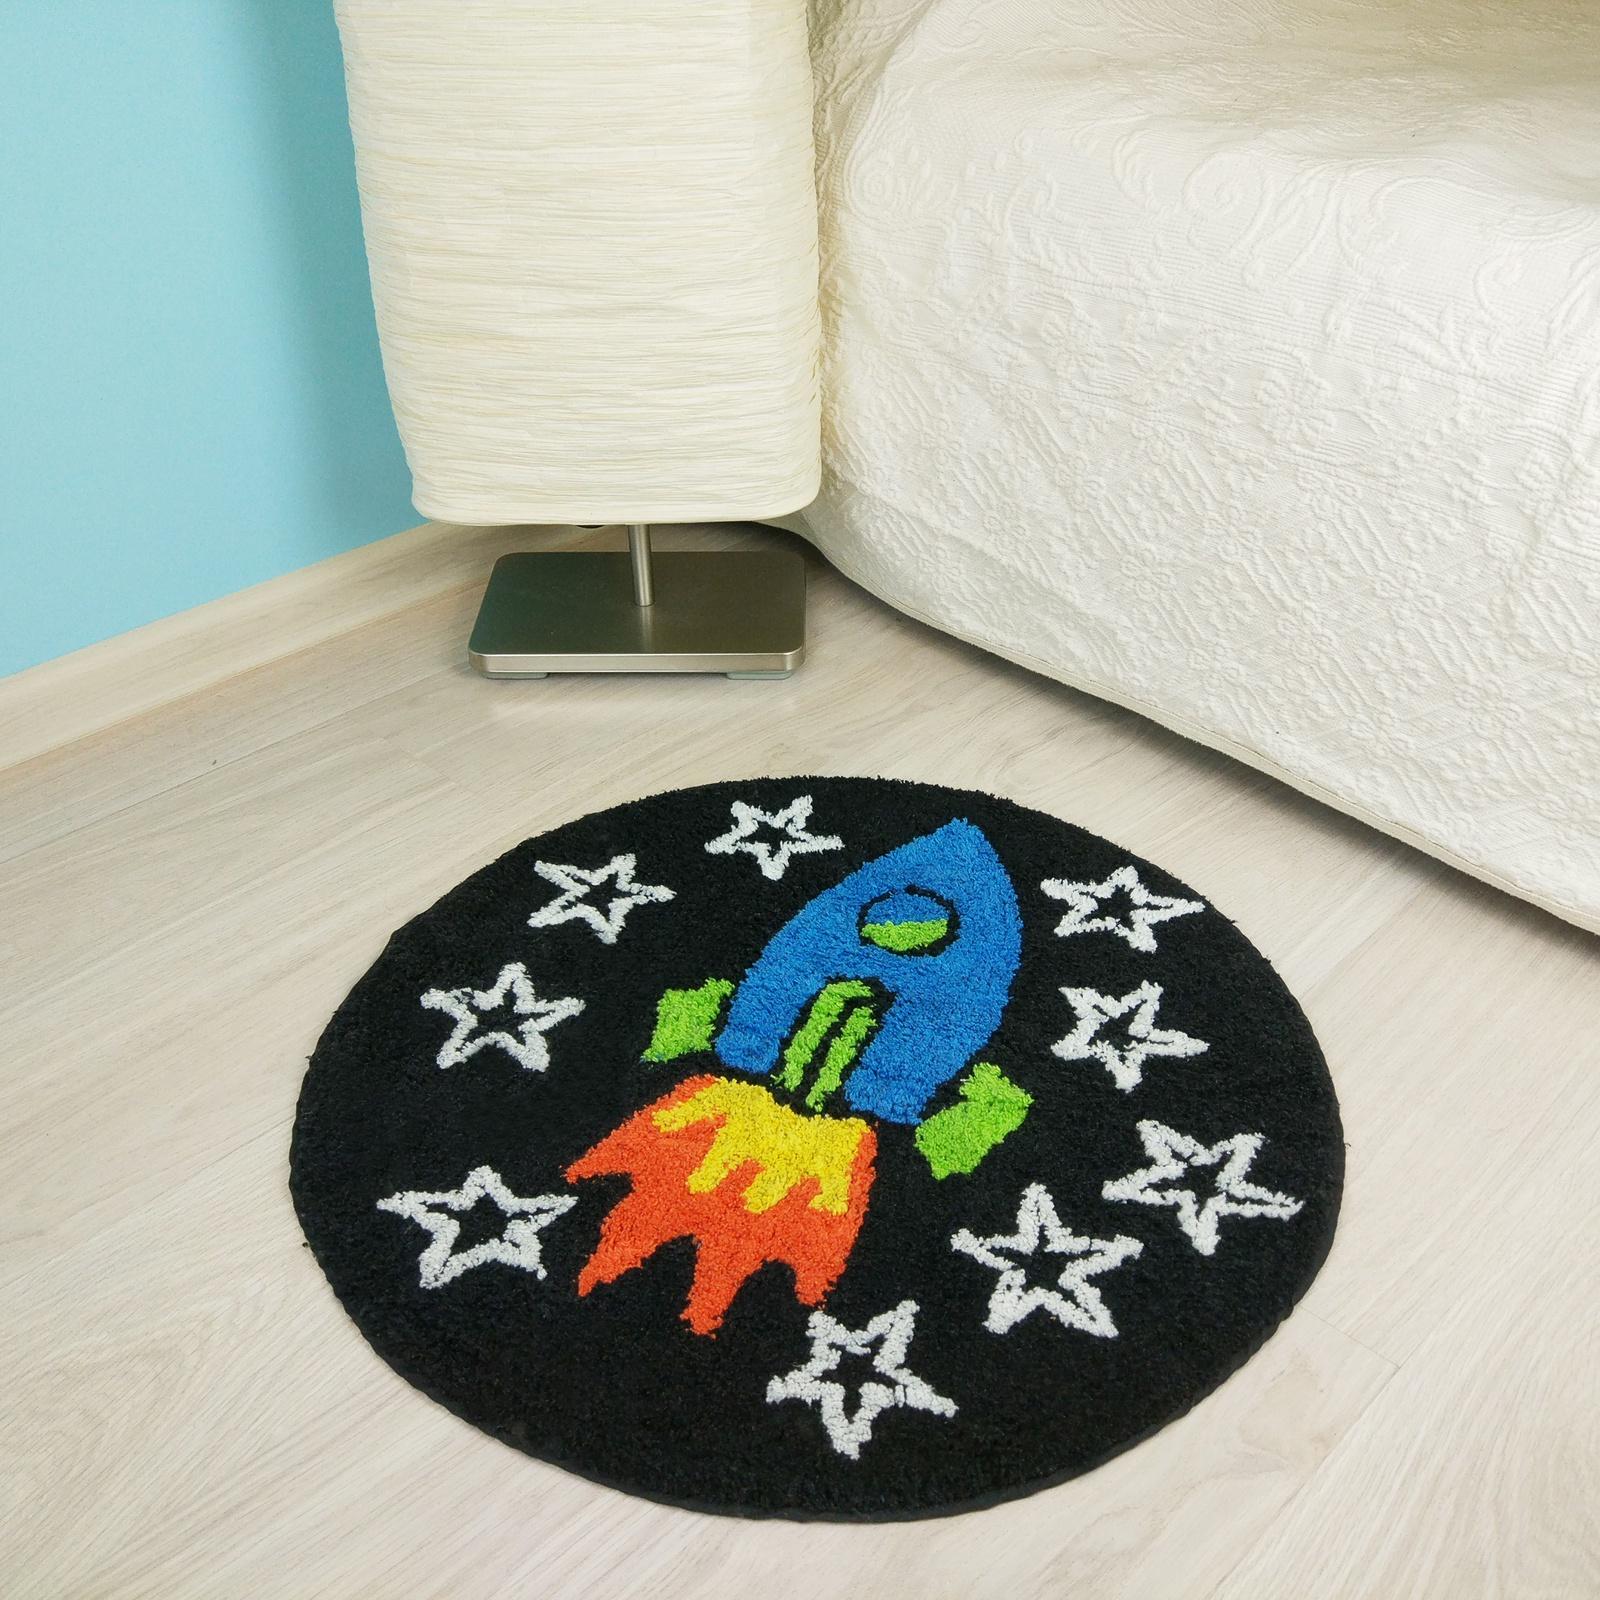 Фото - Коврик Arloni Ракета, 1208.4, 70 х 70 см arloni коврик самотканный для ванной